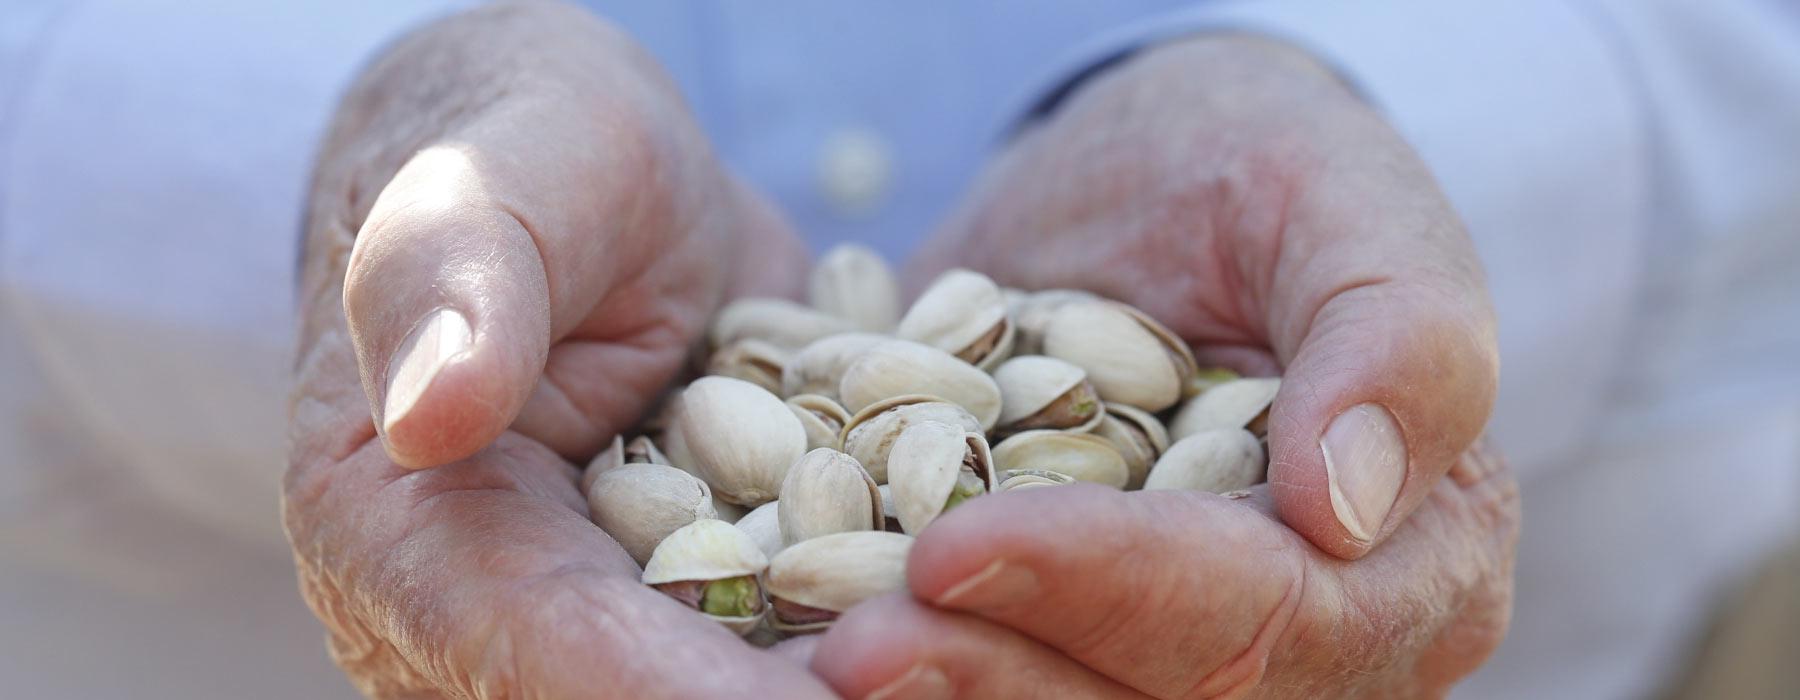 pistachios in hands